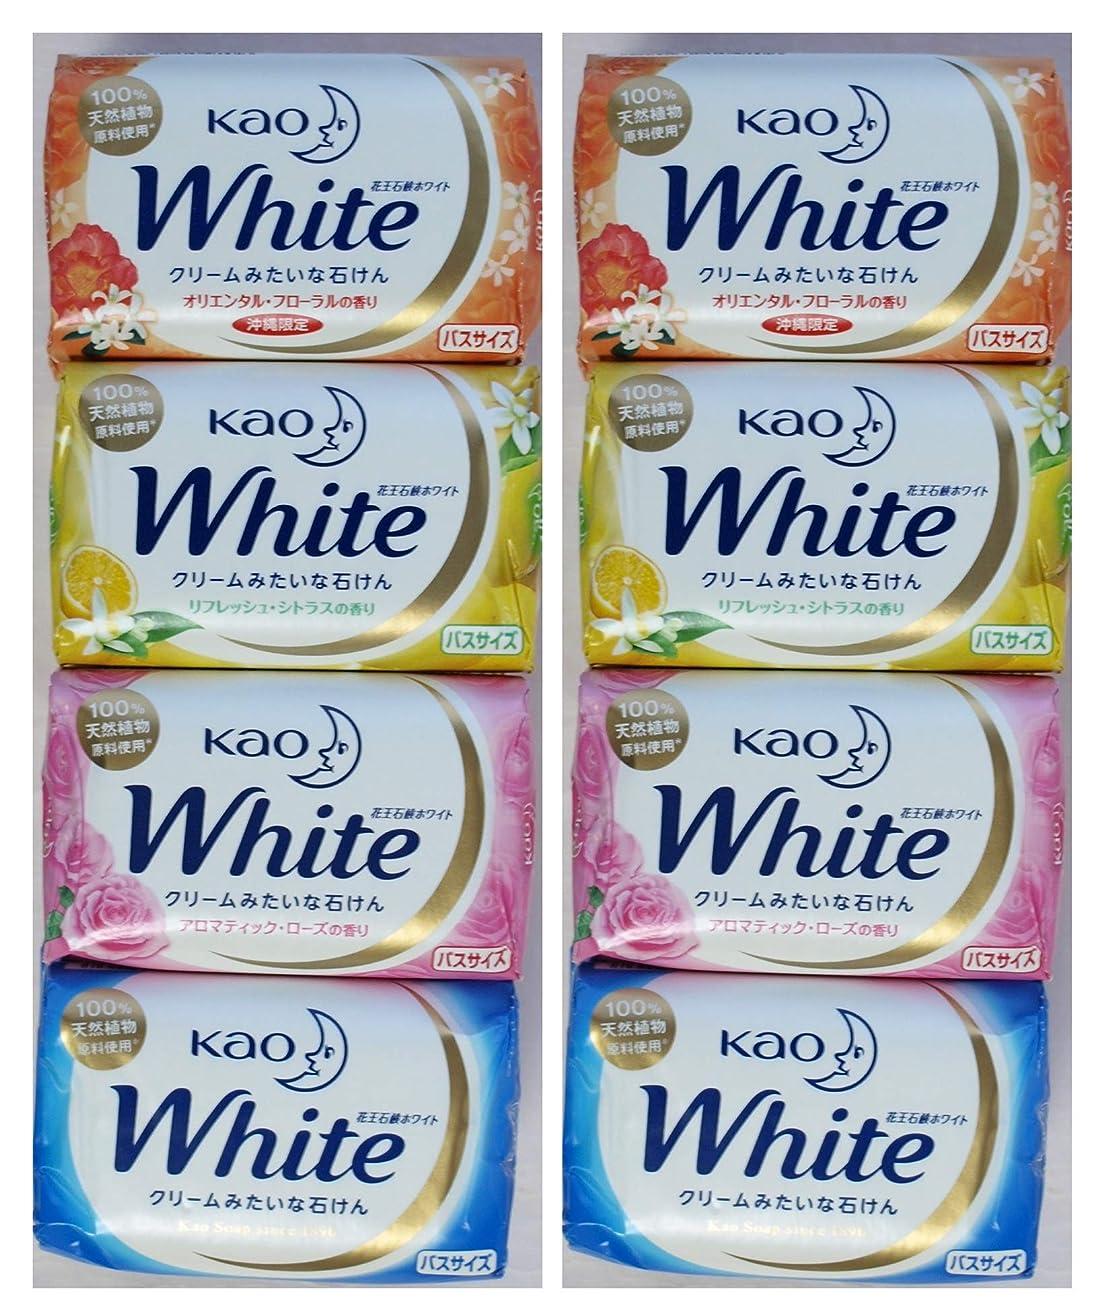 ヒョウ端末プレーヤー561988-8P 花王 Kao 石けんホワイト 4つの香り(オリエンタルフローラル/ホワイトフローラル/アロマティックローズ/リフレッシュシトラスの4種) 130g×4種×2set 計8個